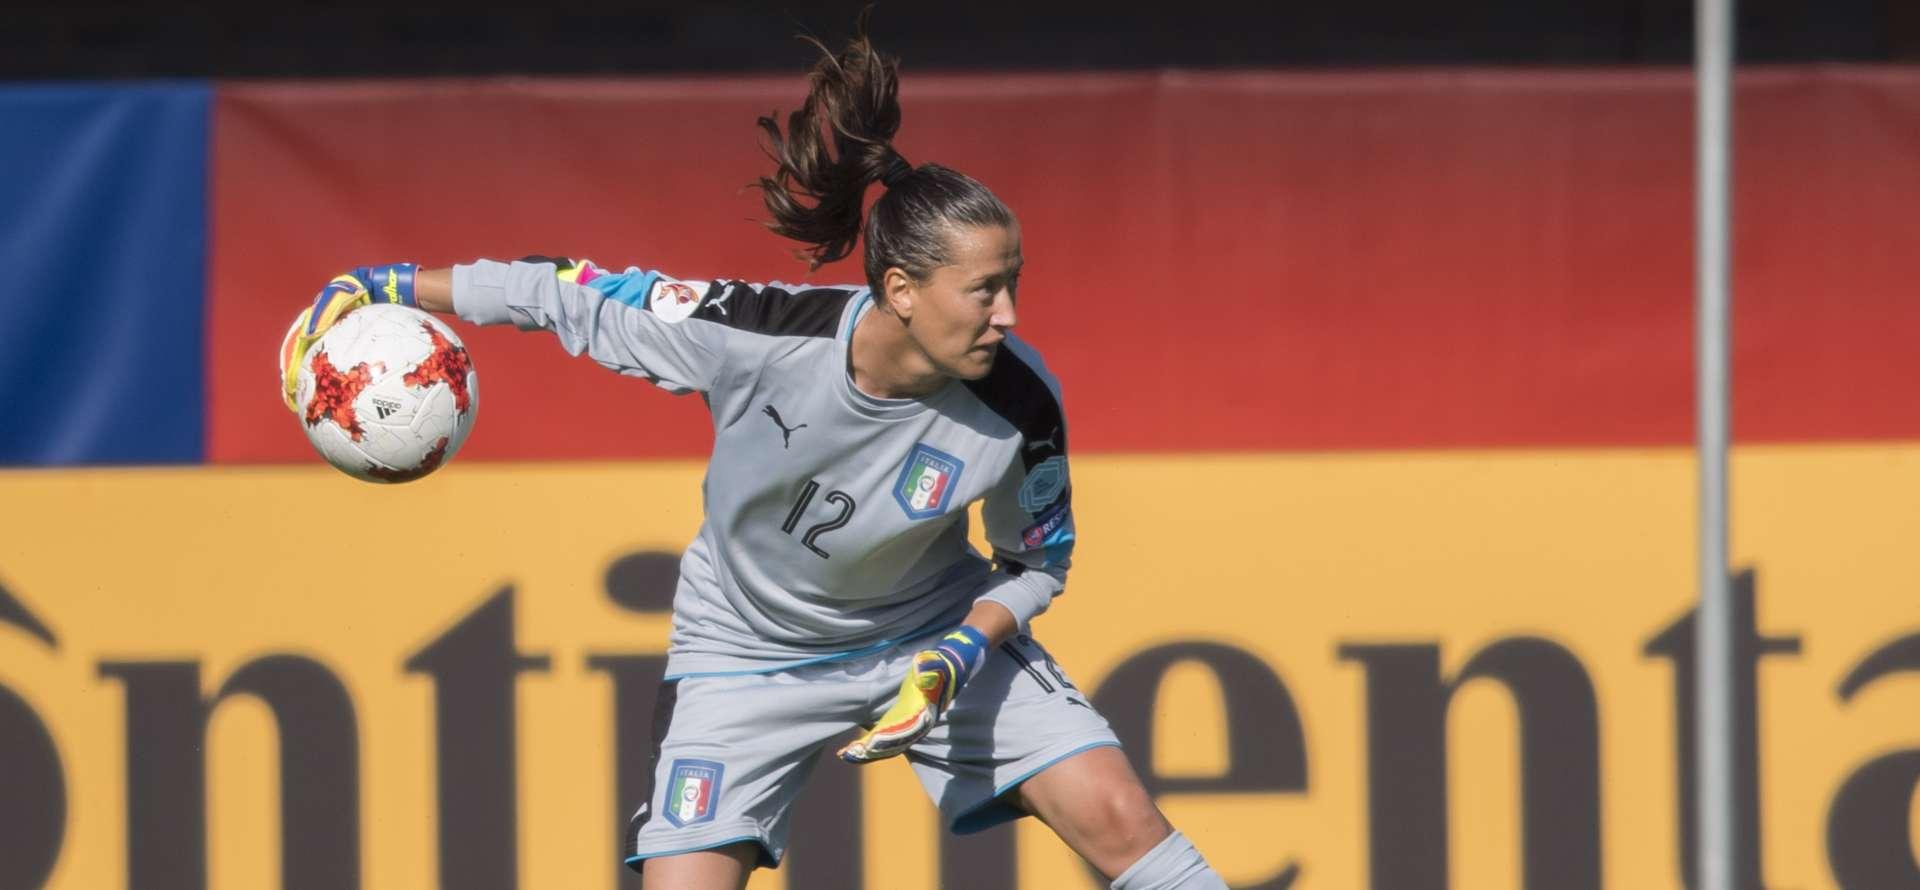 Chiara Marchitelli, calcio femminile, AIC, Damiano Tommasi, Associazione Italiana Calciatori